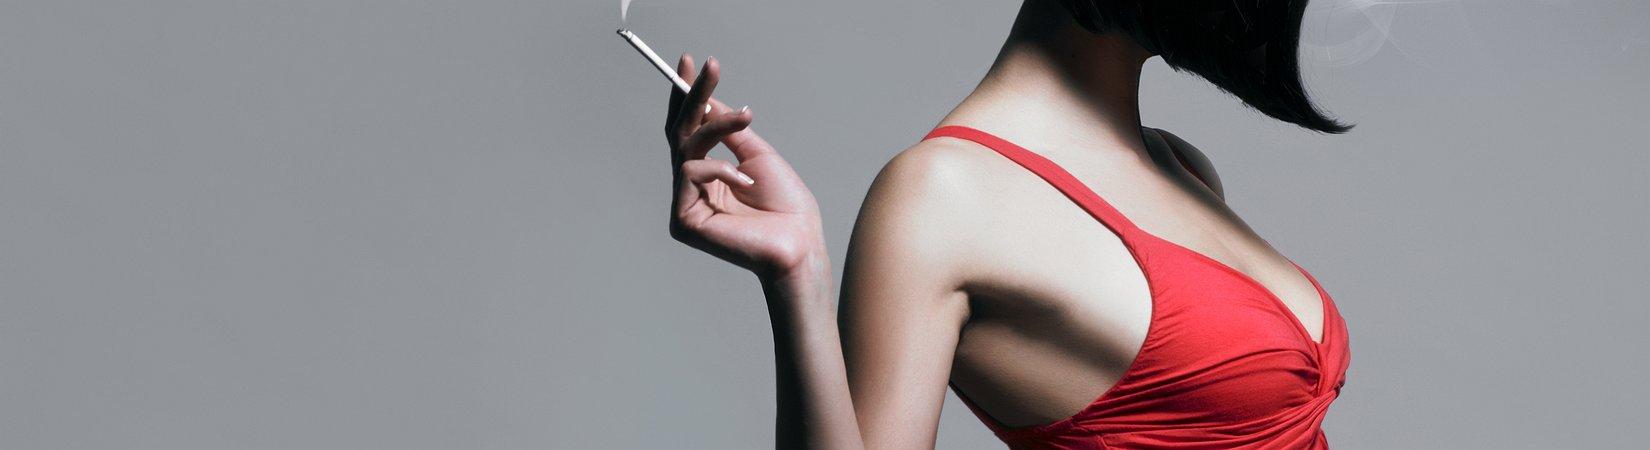 Tabaksteuer oder Nichtraucher Kampagne?